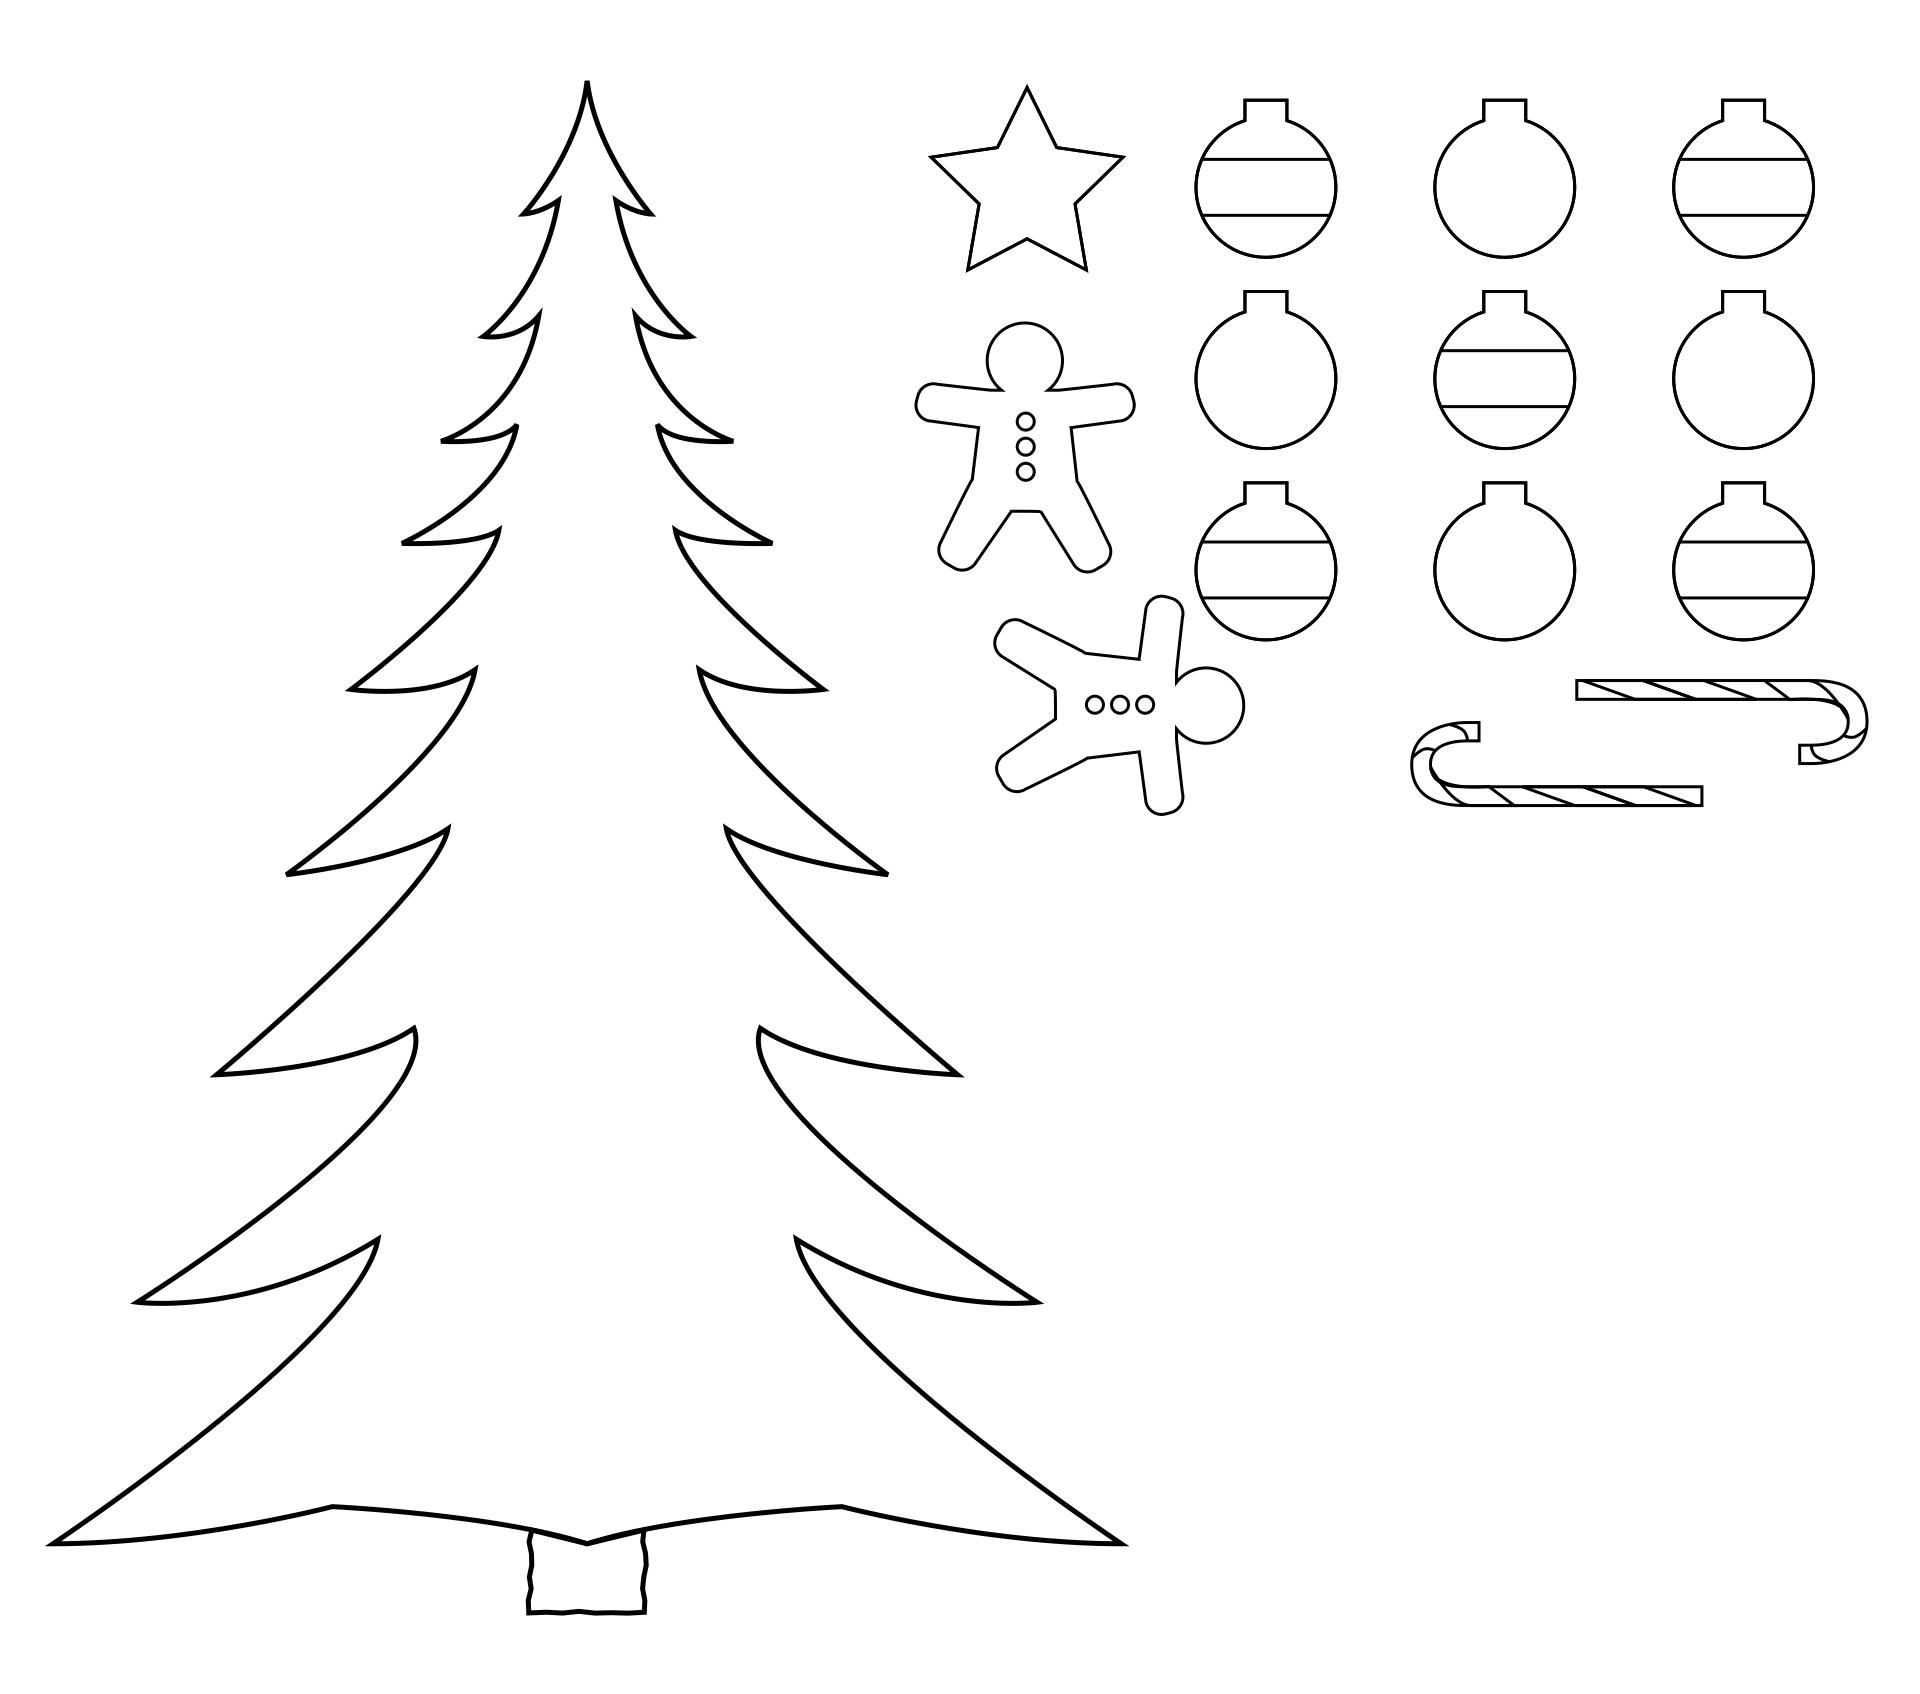 Printable Christmas Tree Crafts for Kids